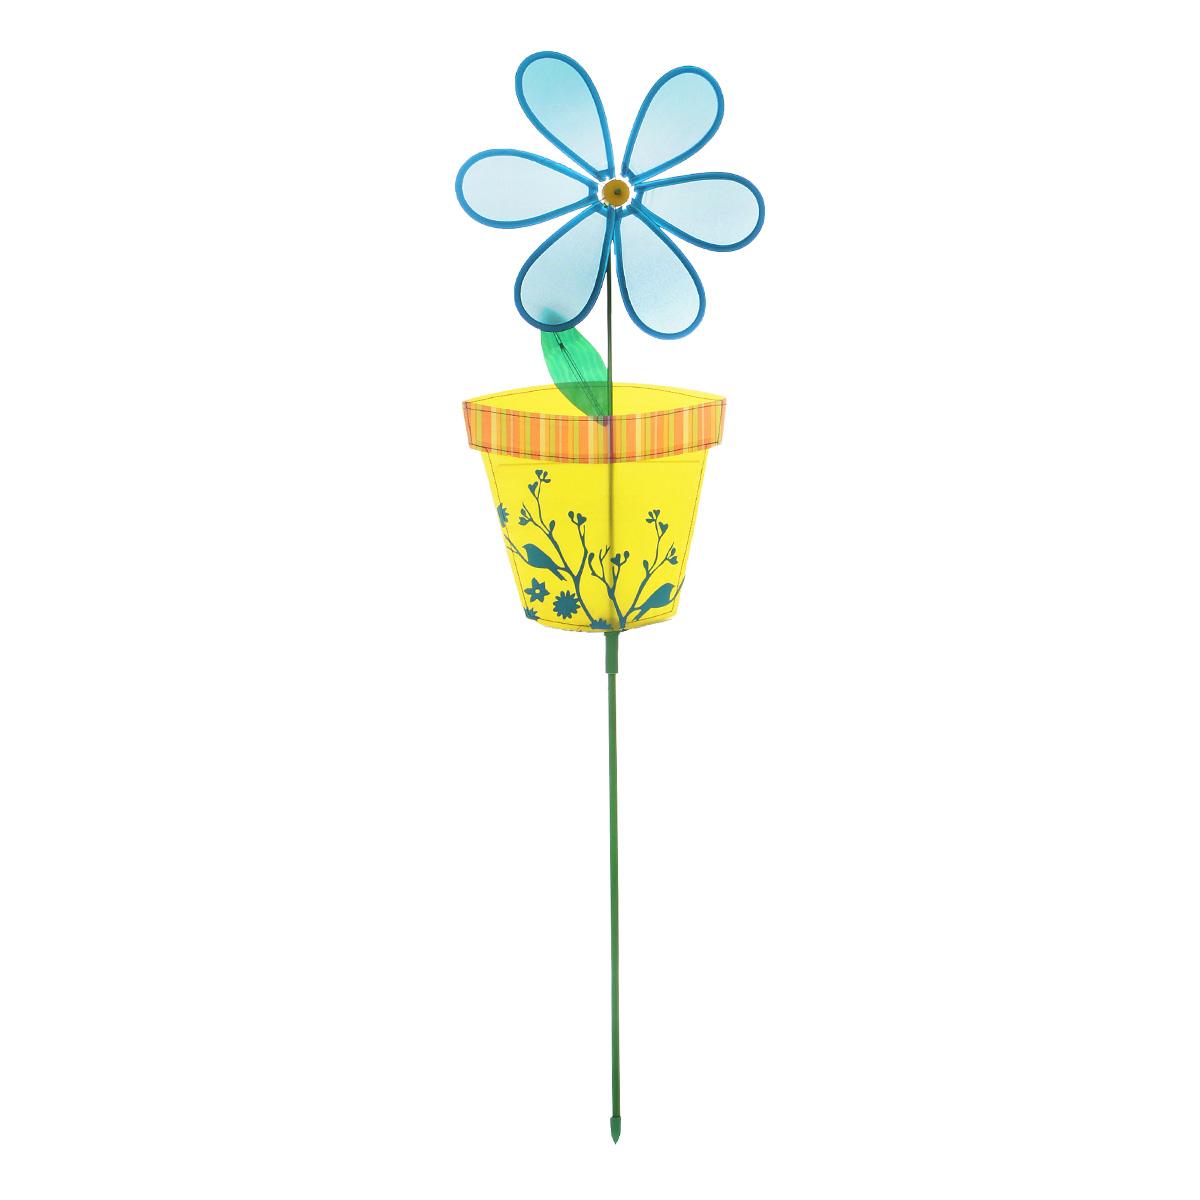 Фигура-вертушка декоративнаяVillage People Цветок в горшочке, цвет: синий, высота 114 см. 66924Z-0307Декоративная фигура-вертушка Village People Цветок в горшочке - это не только любимая всеми игрушка, но и замечательный способ отпугнуть птиц с грядок. А за счёт яркого дизайна ландшафт сада станет еще привлекательнее. Диаметр цветка: 28 см. Размер фигуры-вертушки: 114 см х 28 см х 2,5 см